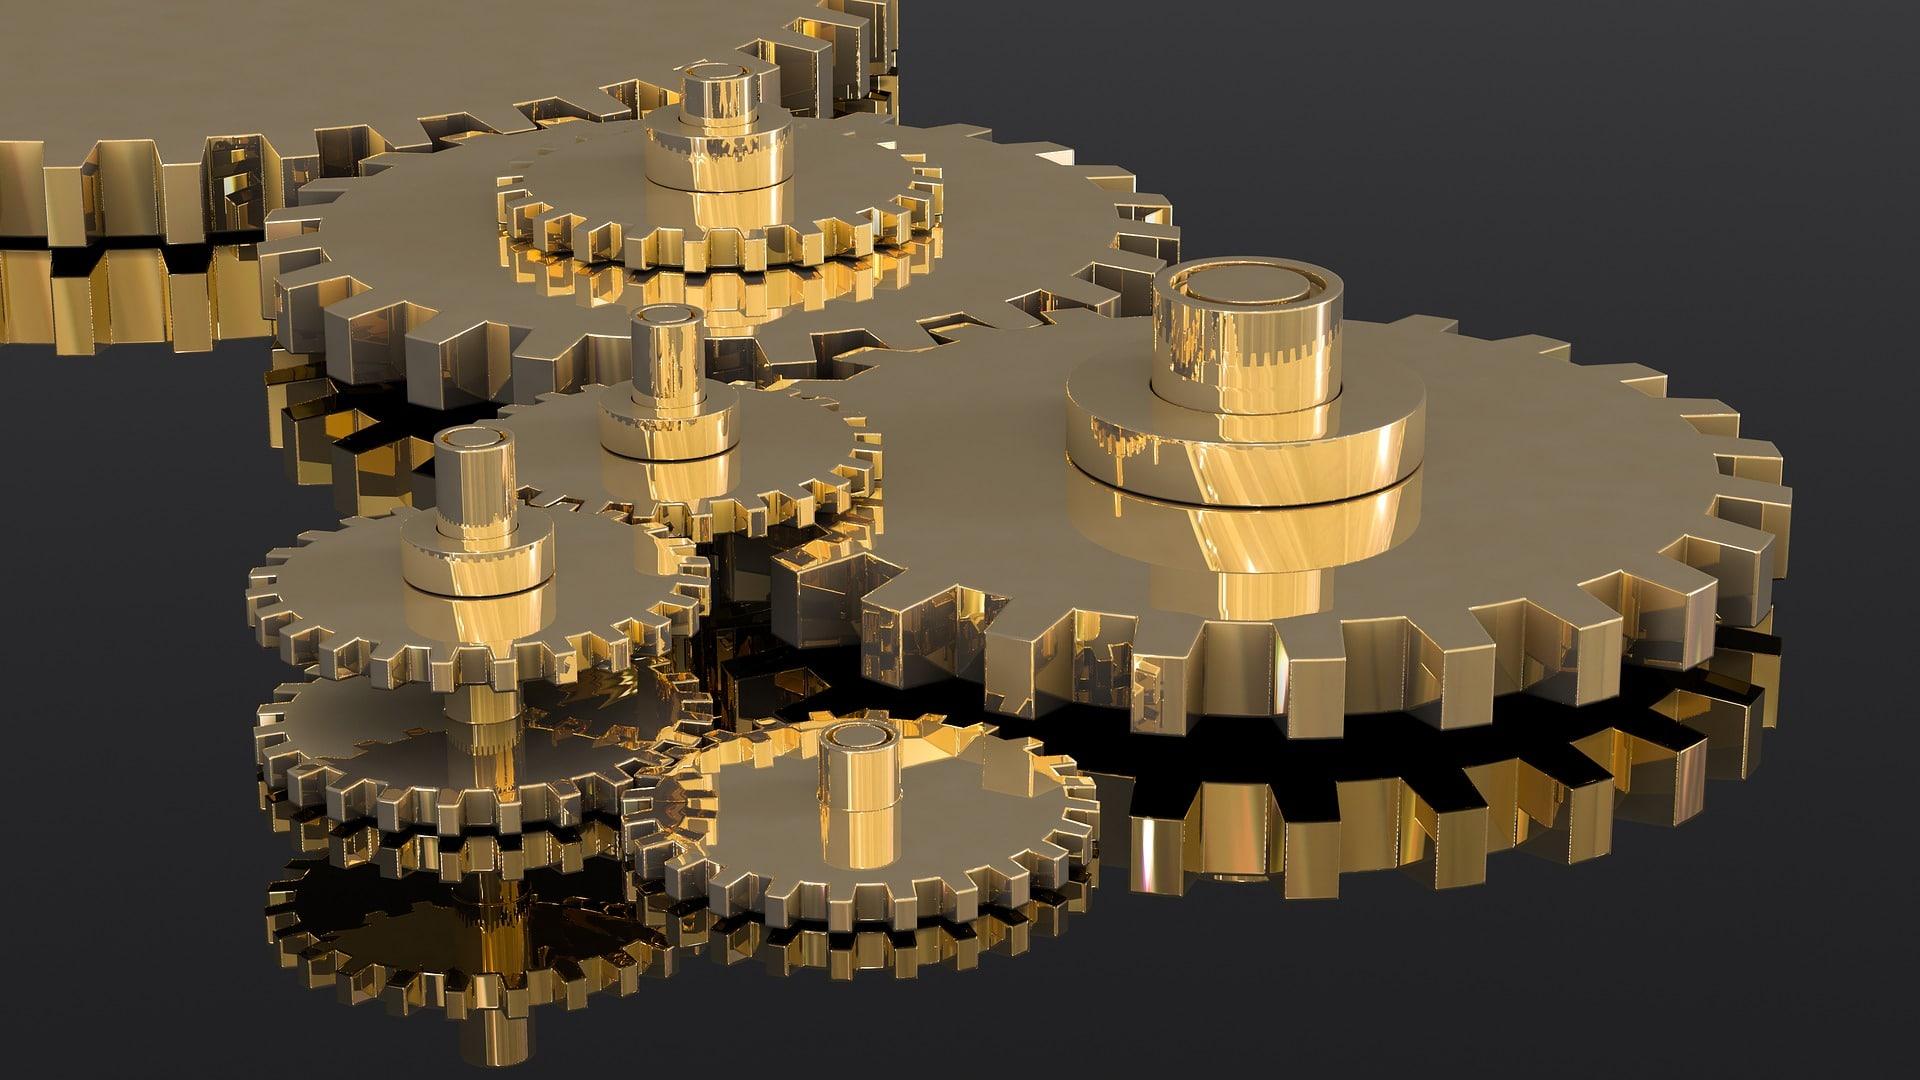 golden-zahnraeder-industrie-oberflaechenbeschichtungen